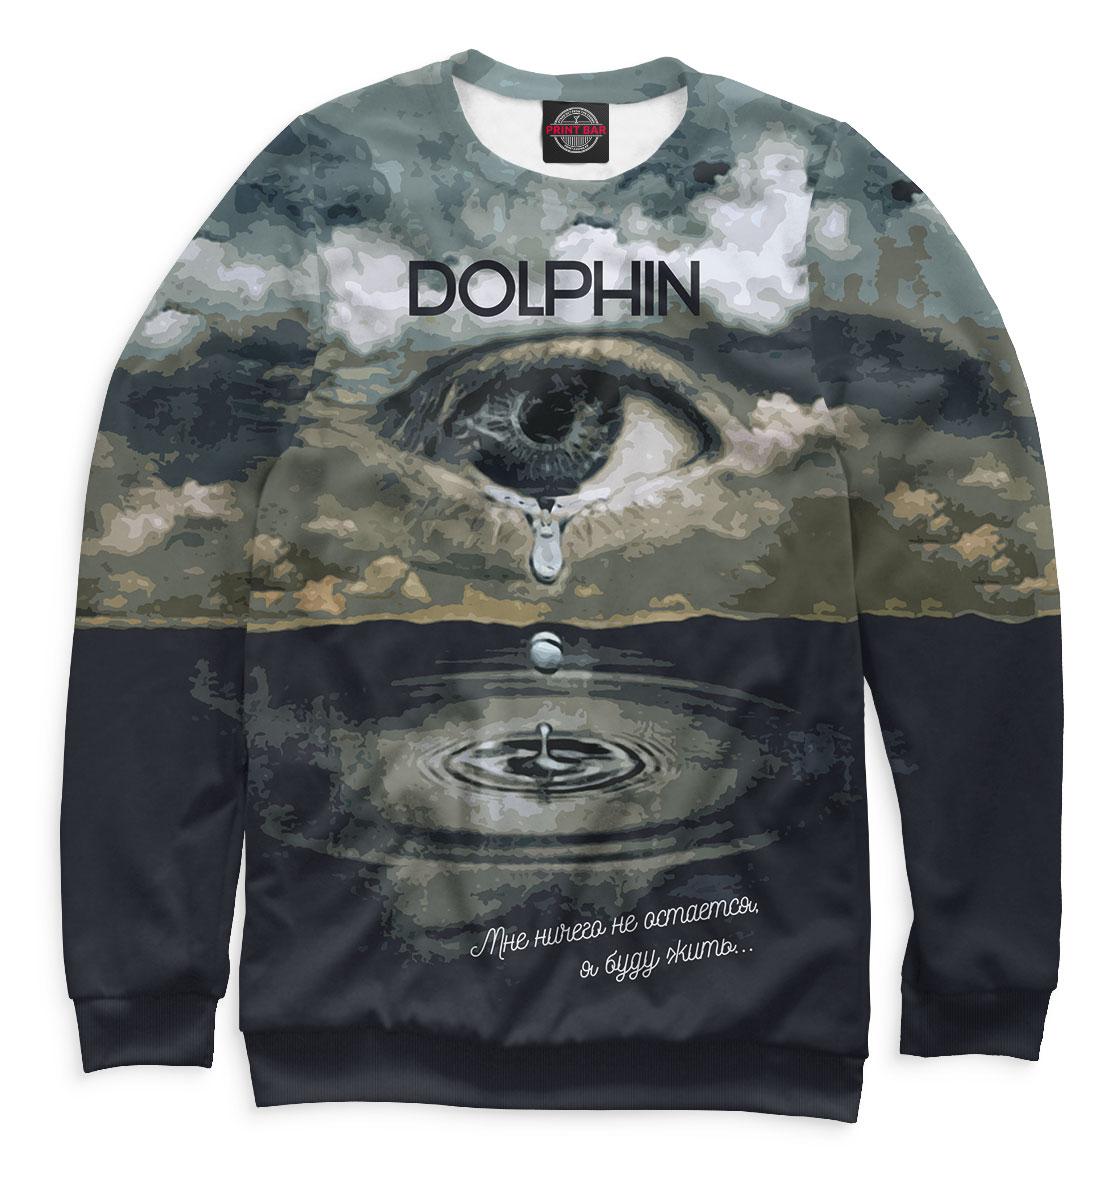 Купить Дельфин, Printbar, Свитшоты, DLP-771291-swi-2